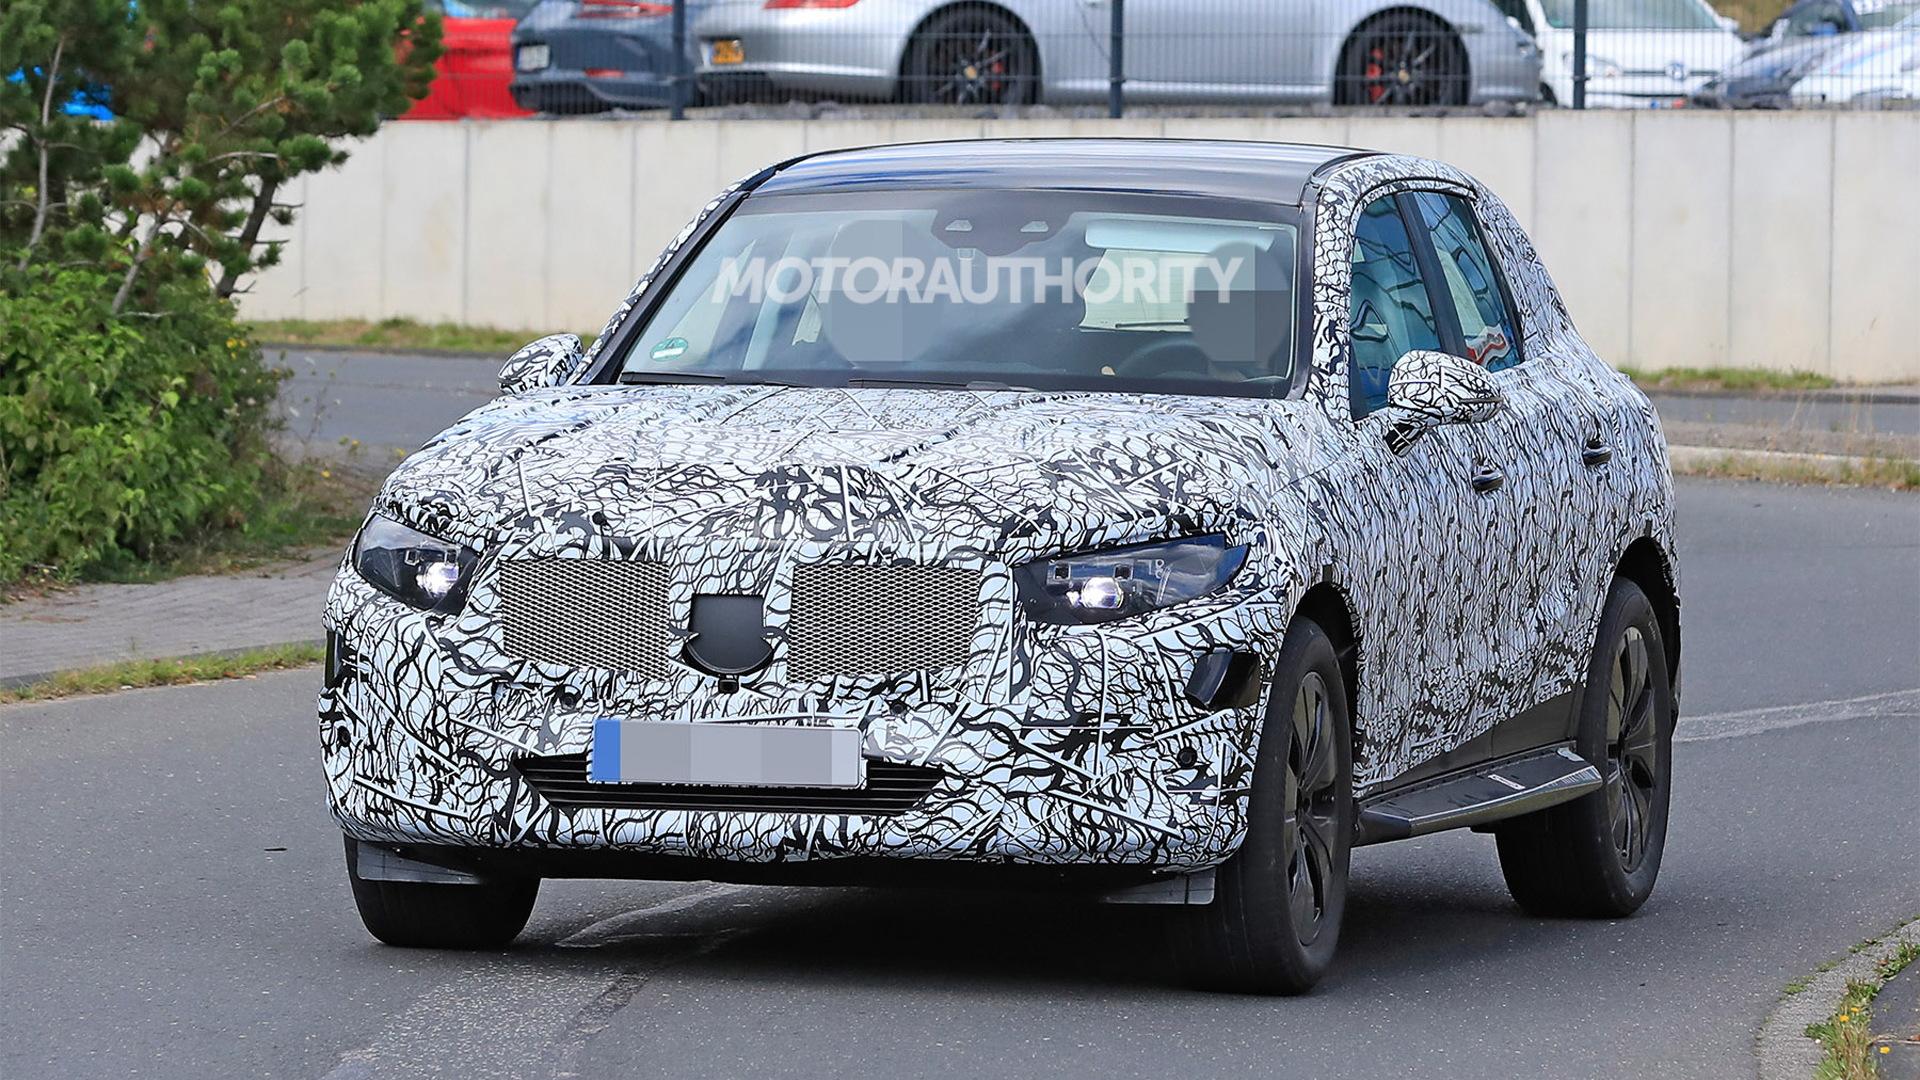 2023 Mercedes-Benz GLC spy shots - Photo credit: S. Baldauf/SB-Medien